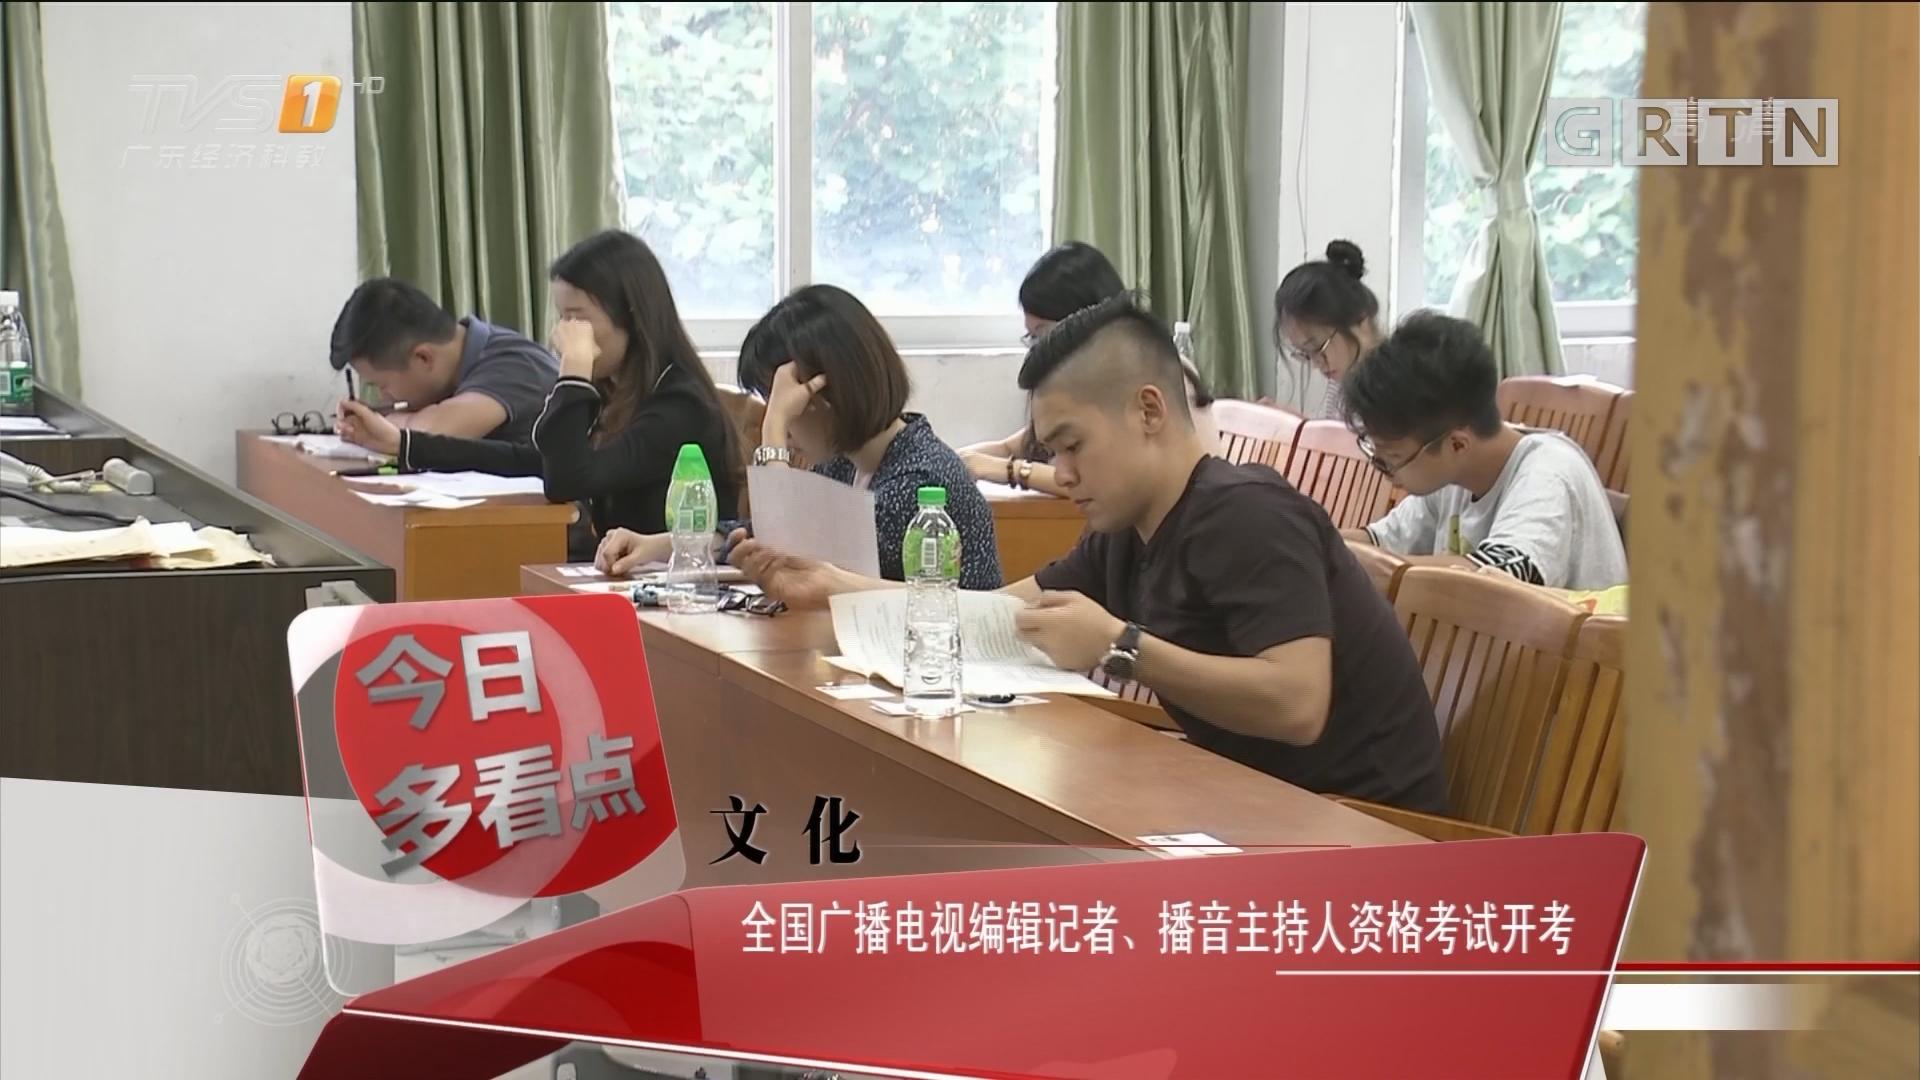 文化:全国广播电视编辑记者、播音主持人资格考试开考